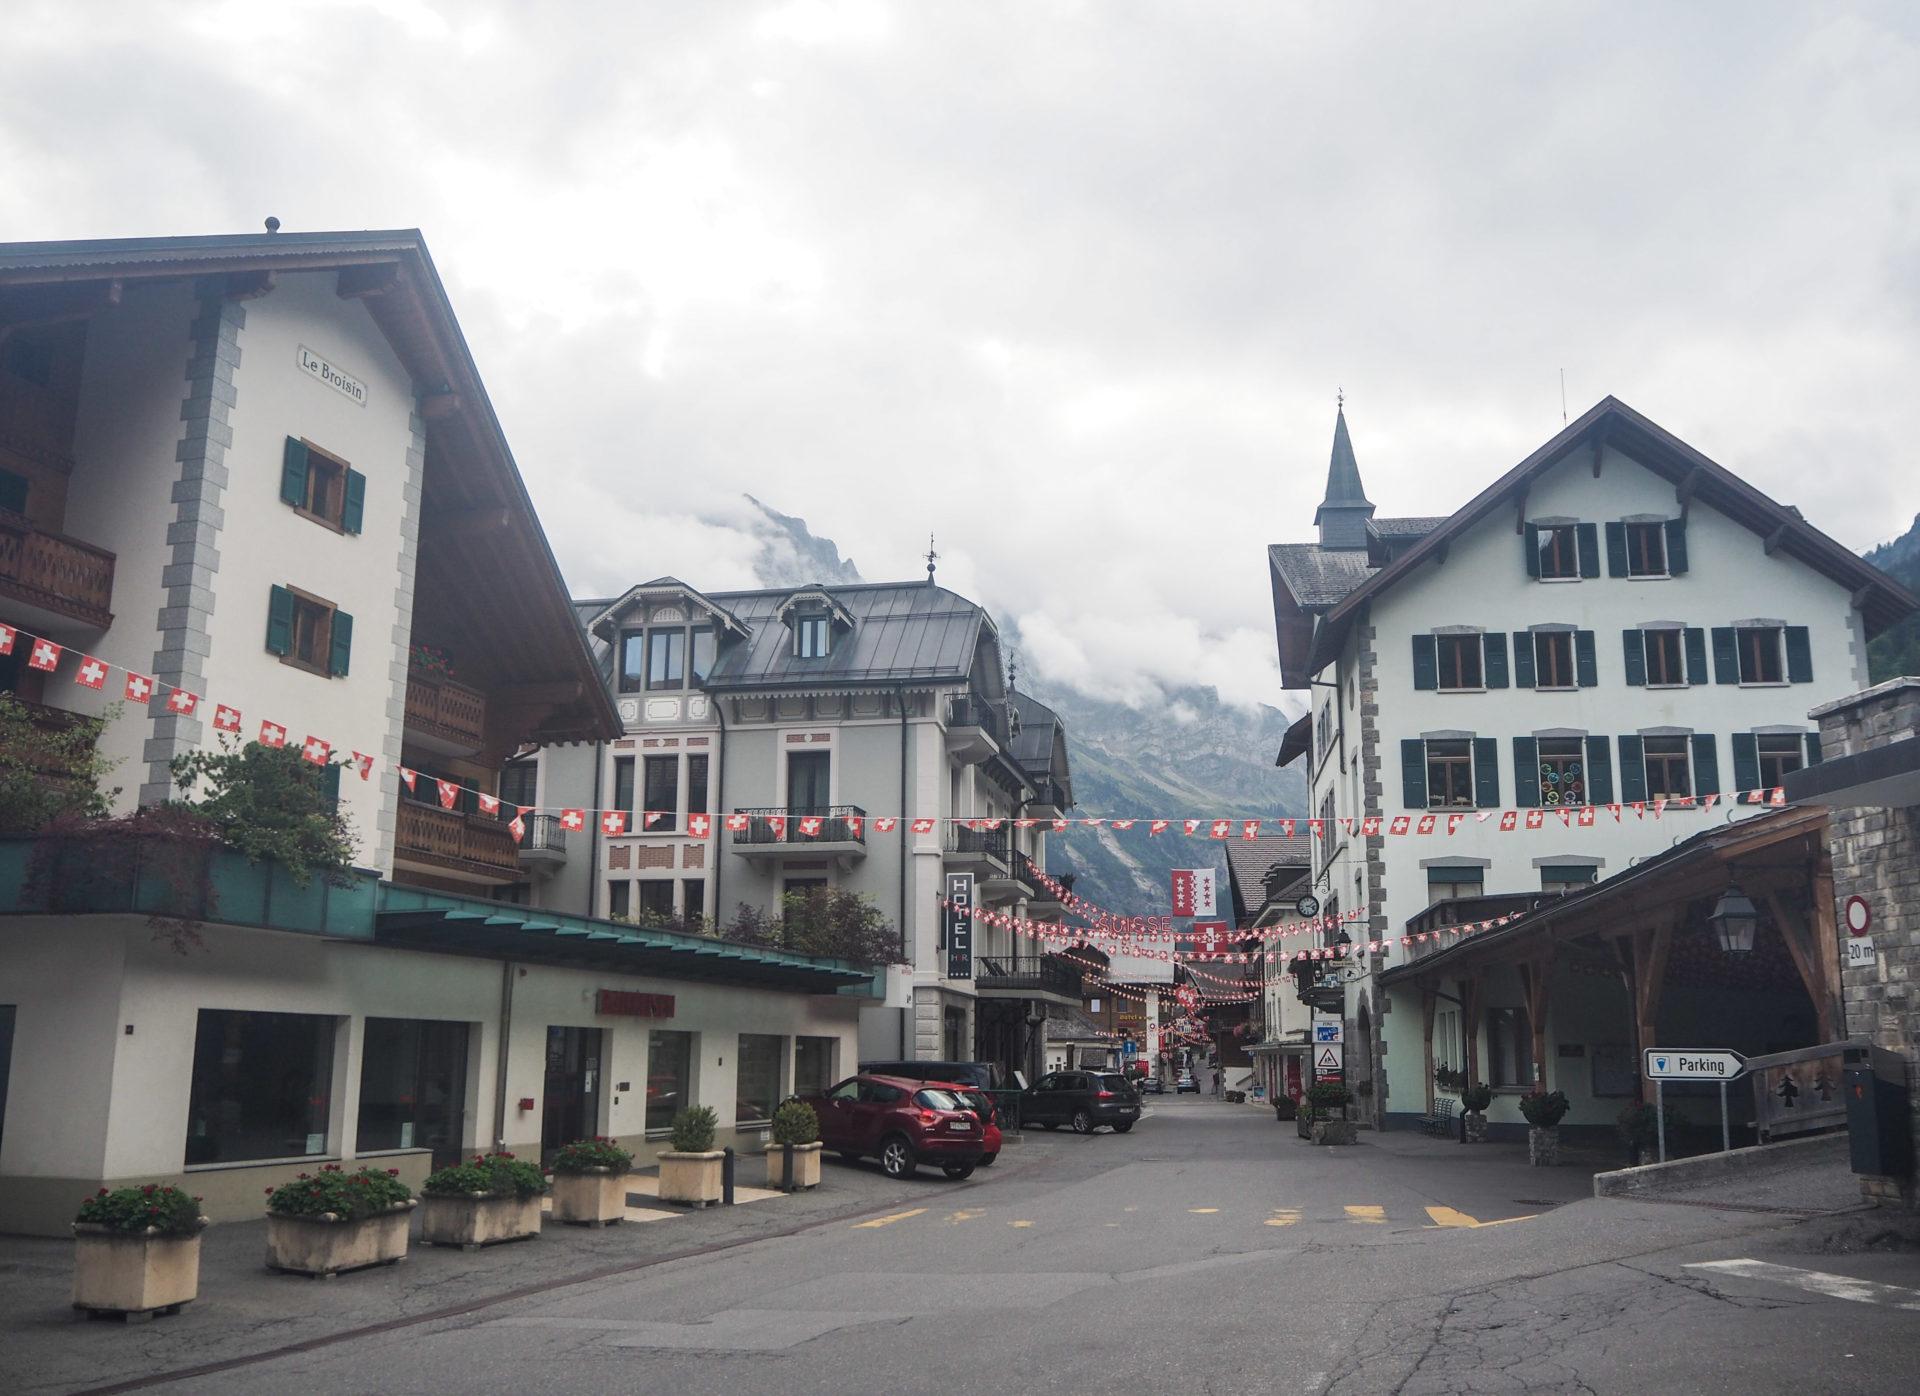 Promenade dans la ville de Champéry - Champéry: un séjour détente, nature et sport en Région Dents du Midi, au coeur du Valais dans les Alpes Suisses